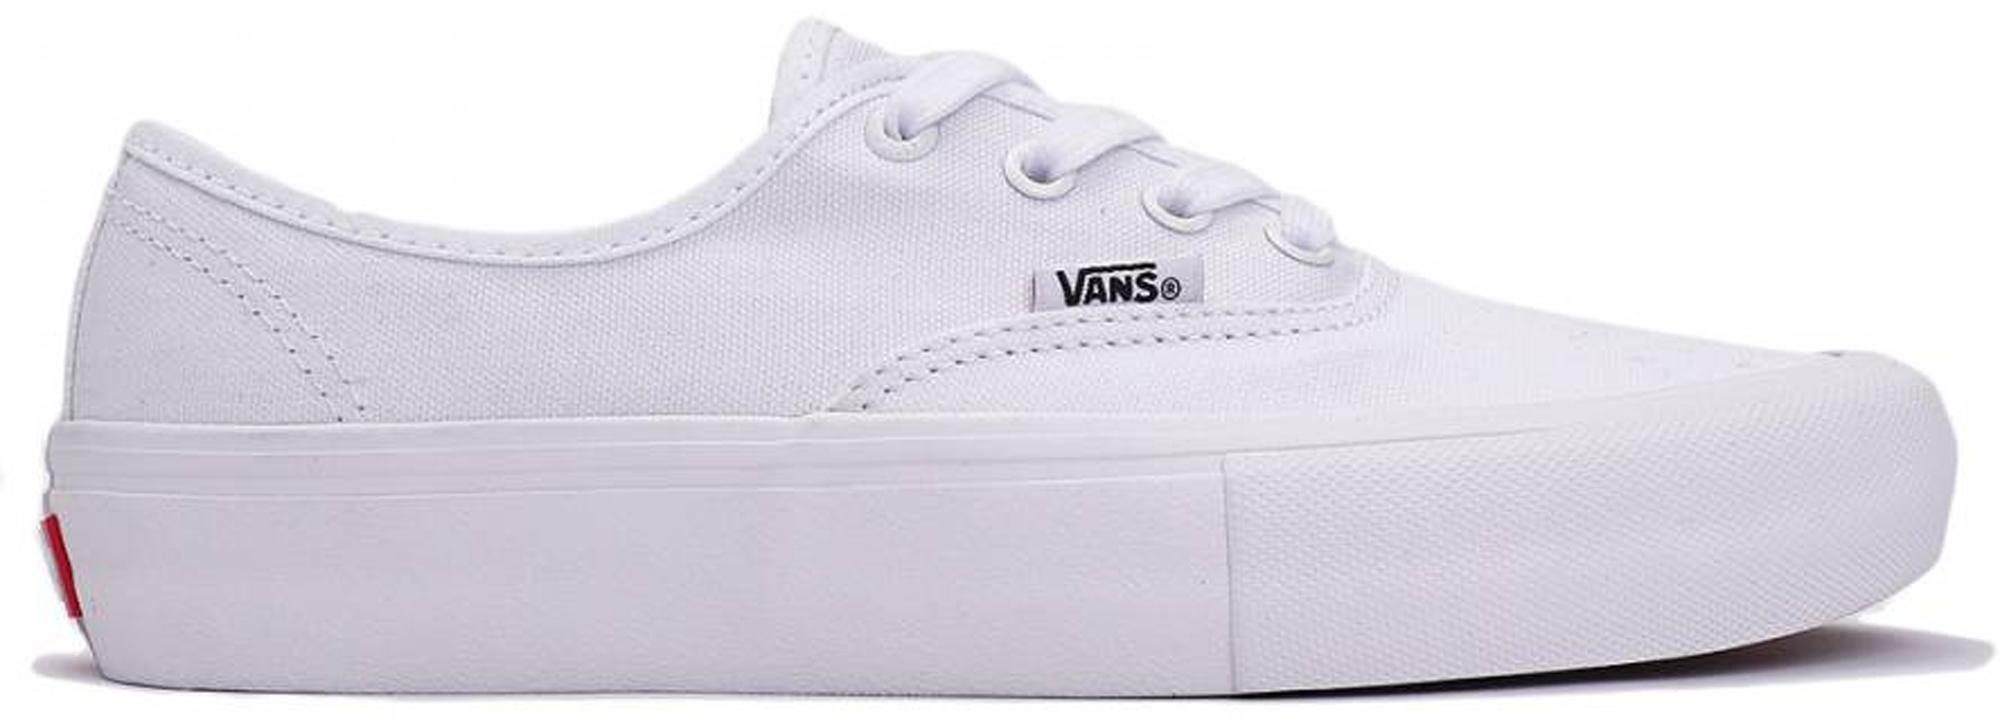 Vans Authentic Pro True White - VN000Q0DQLZ